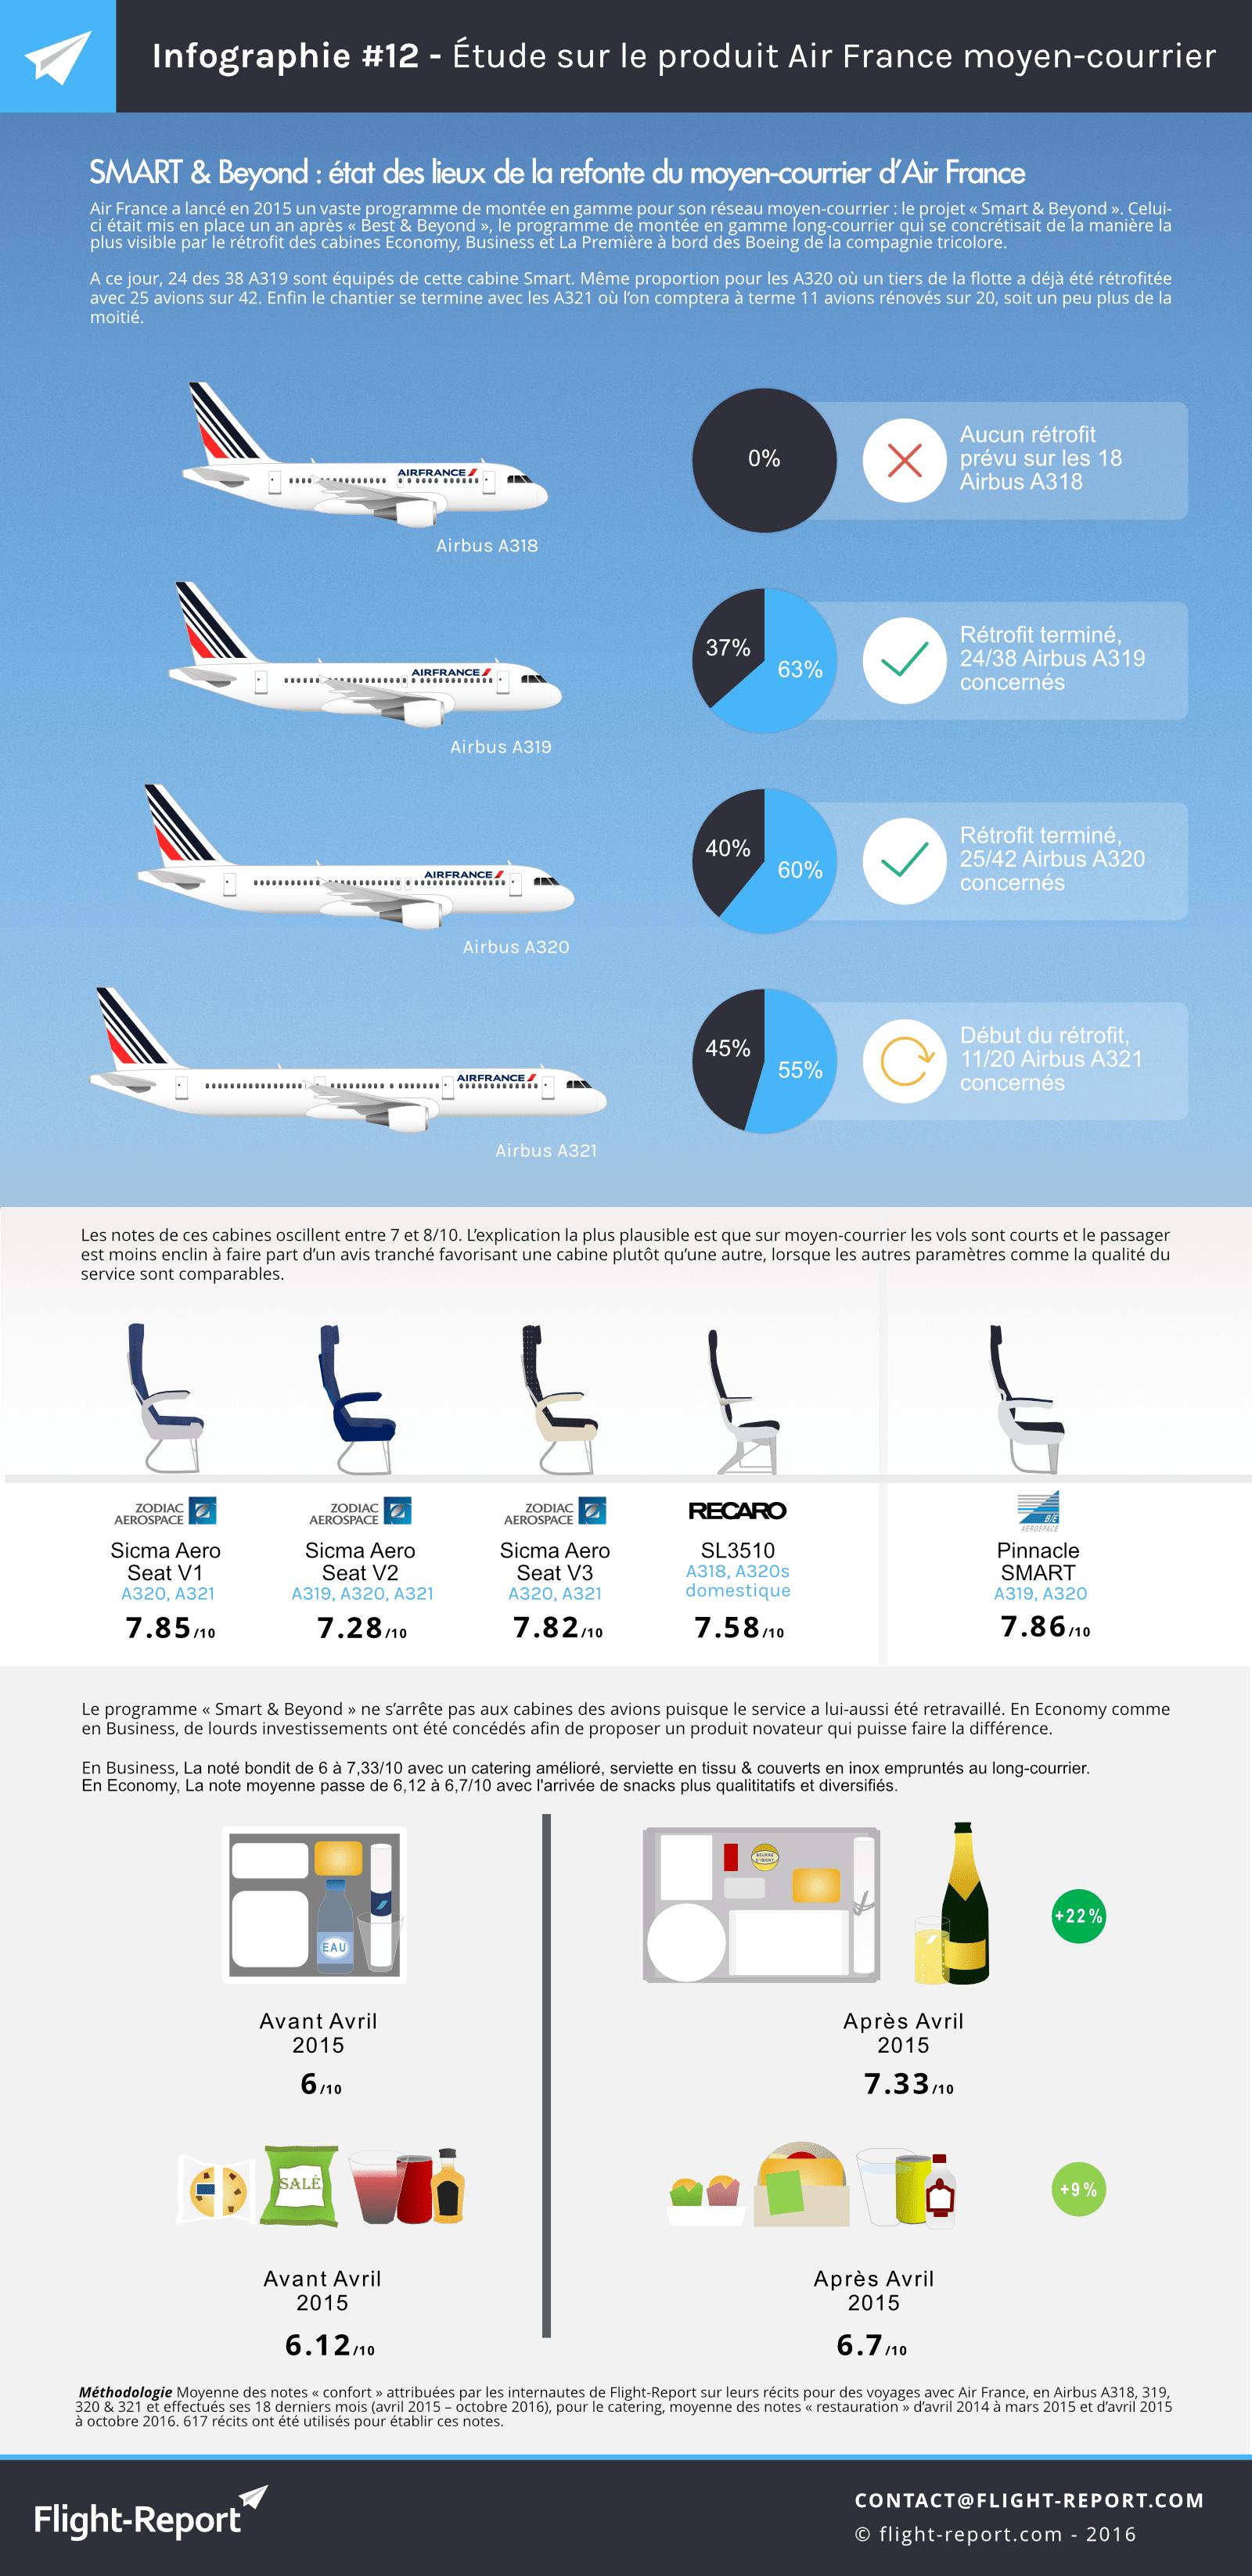 infographie-12-etude-sur-le-produit-air-france-moyen-courrier